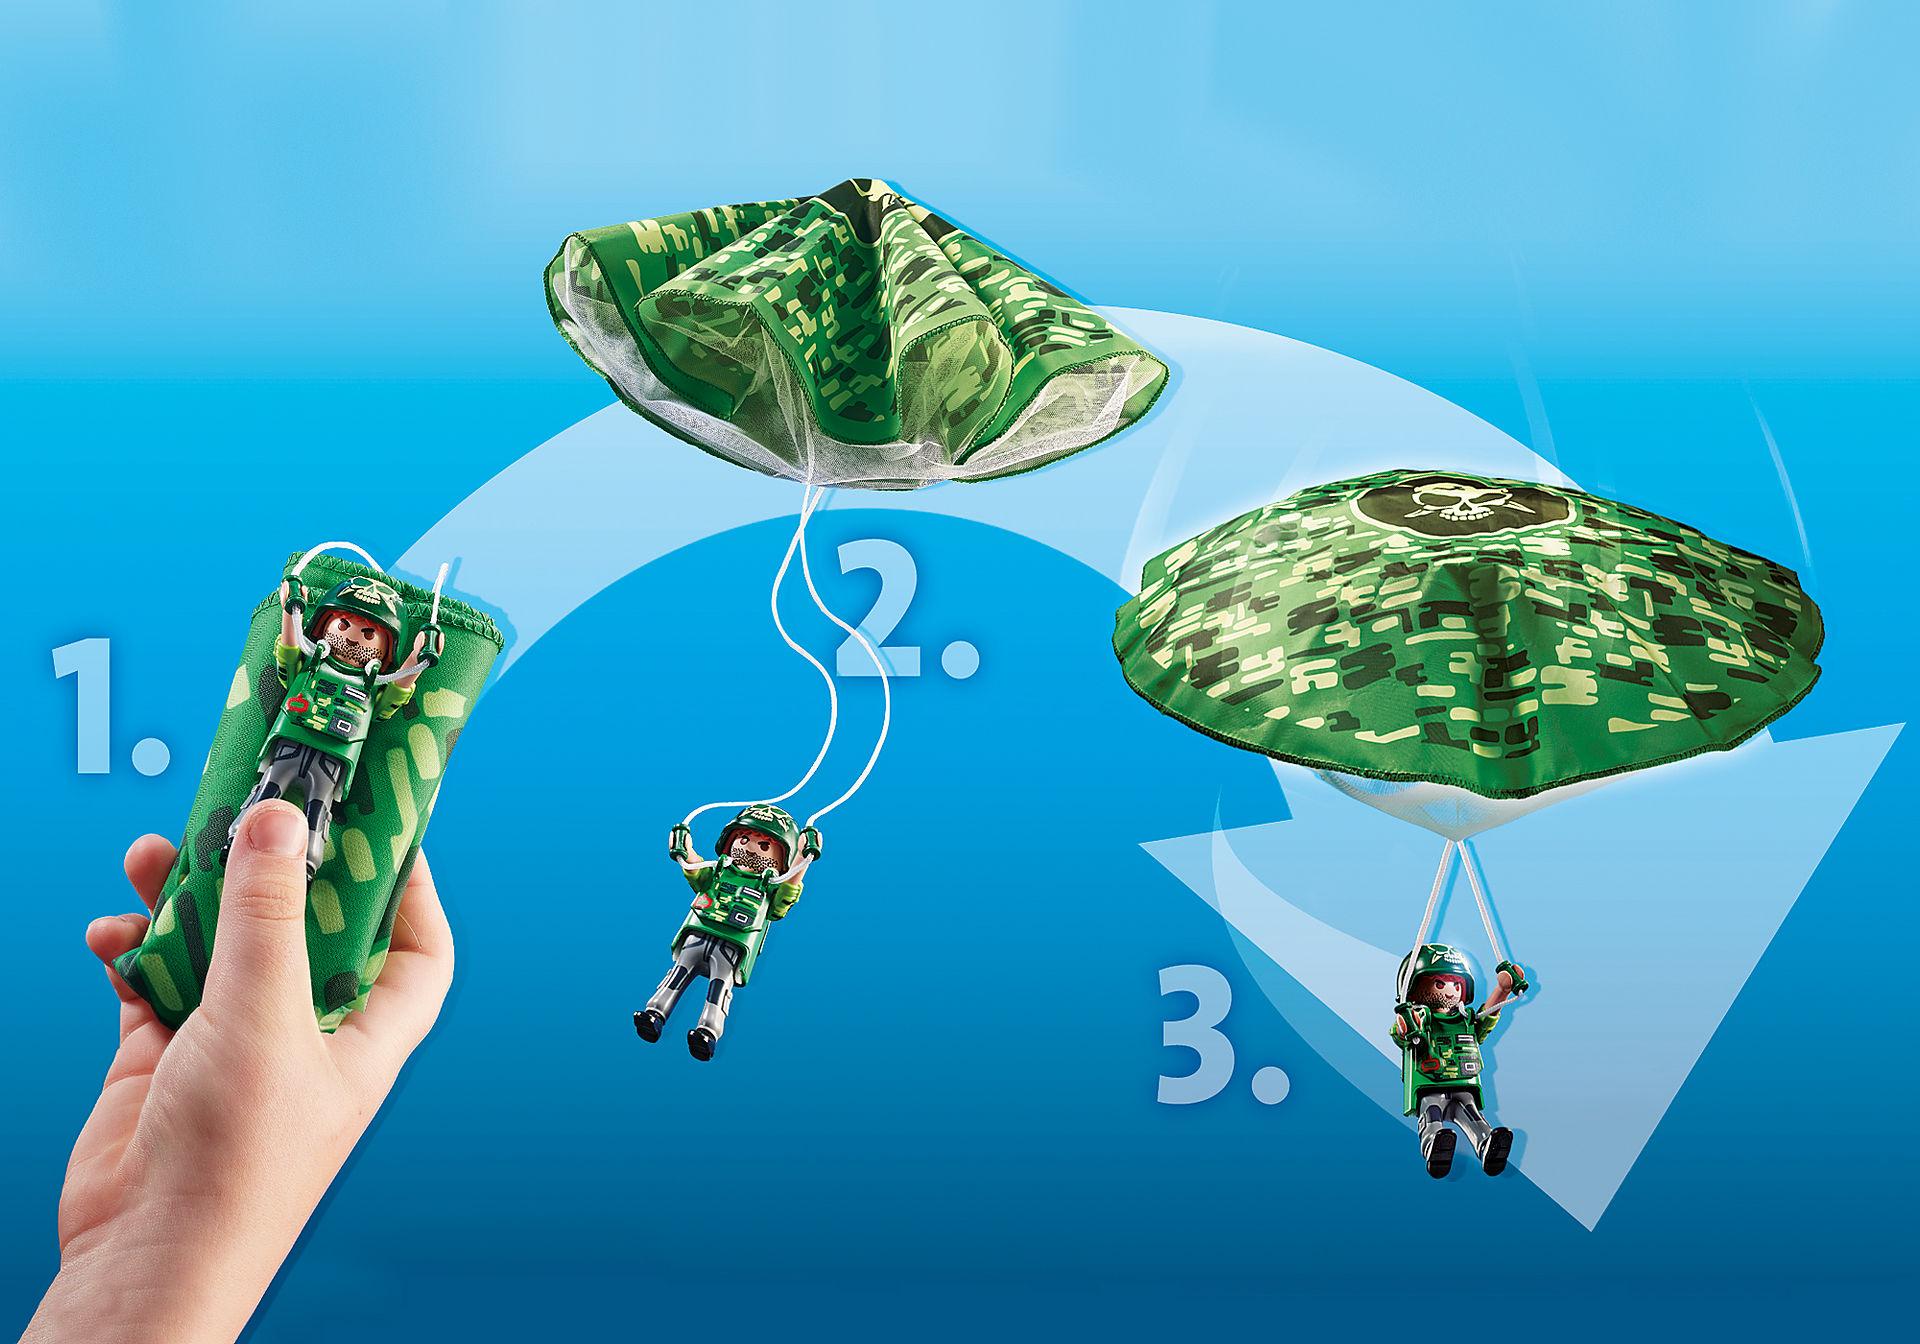 70569 Polizei-Hubschrauber: Fallschirm-Verfolgung zoom image6